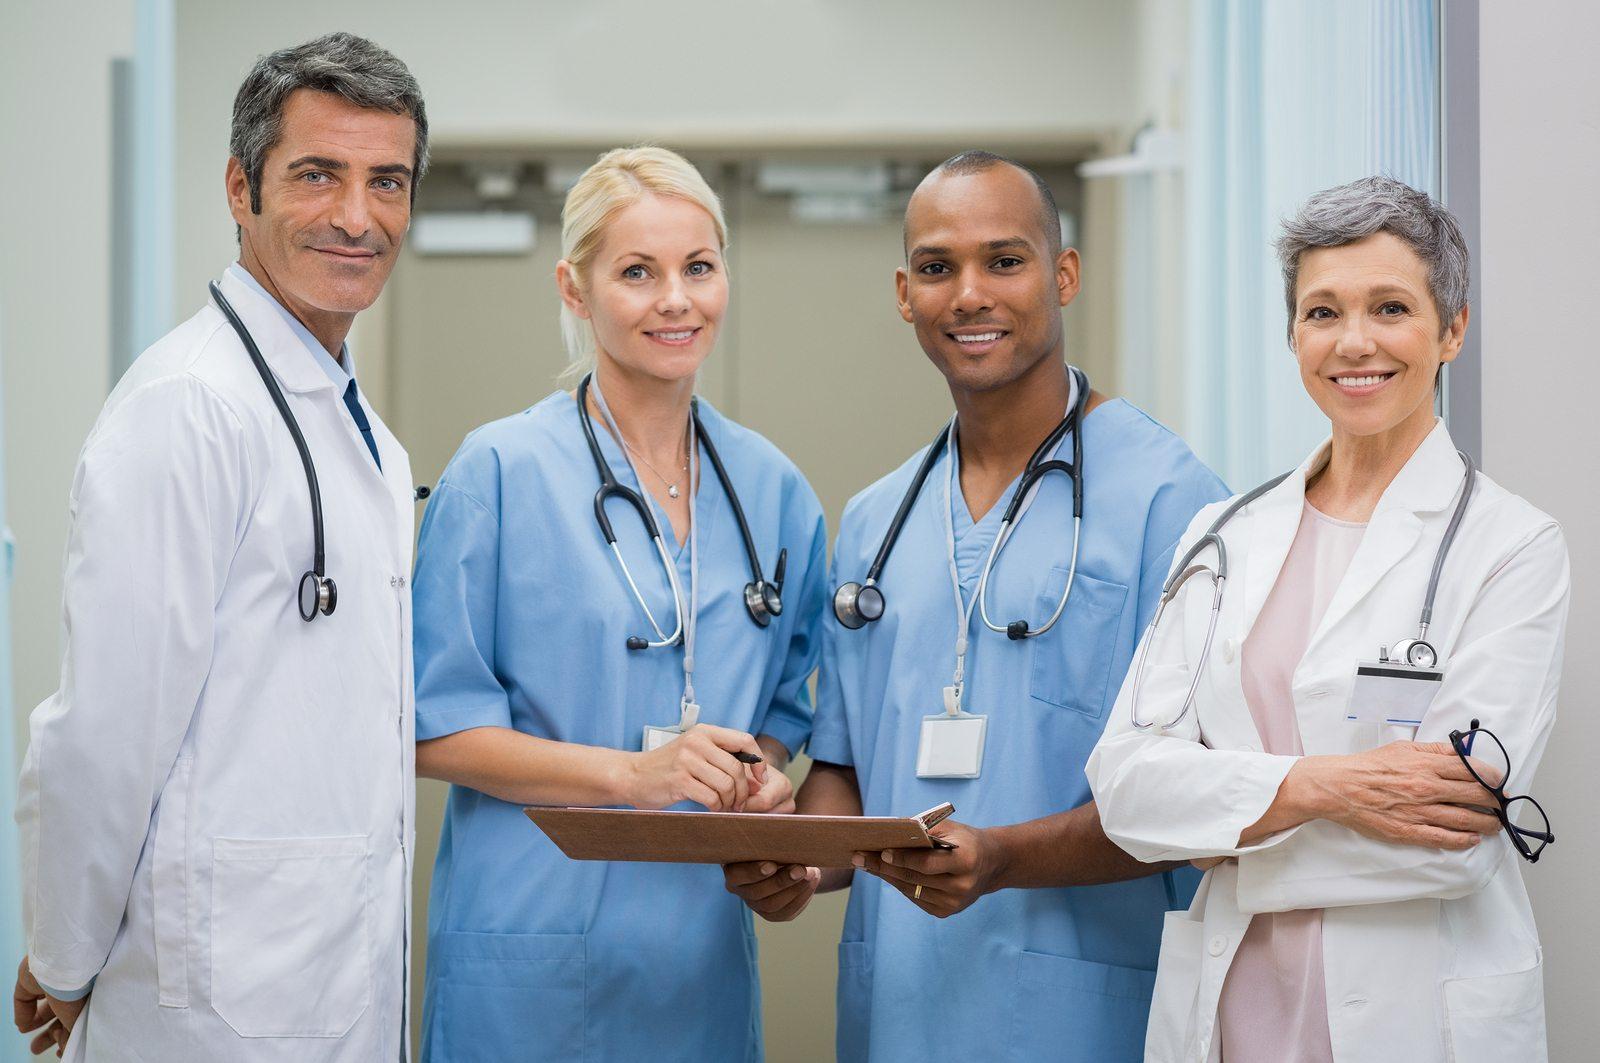 اقامت پزشکان در آلمان